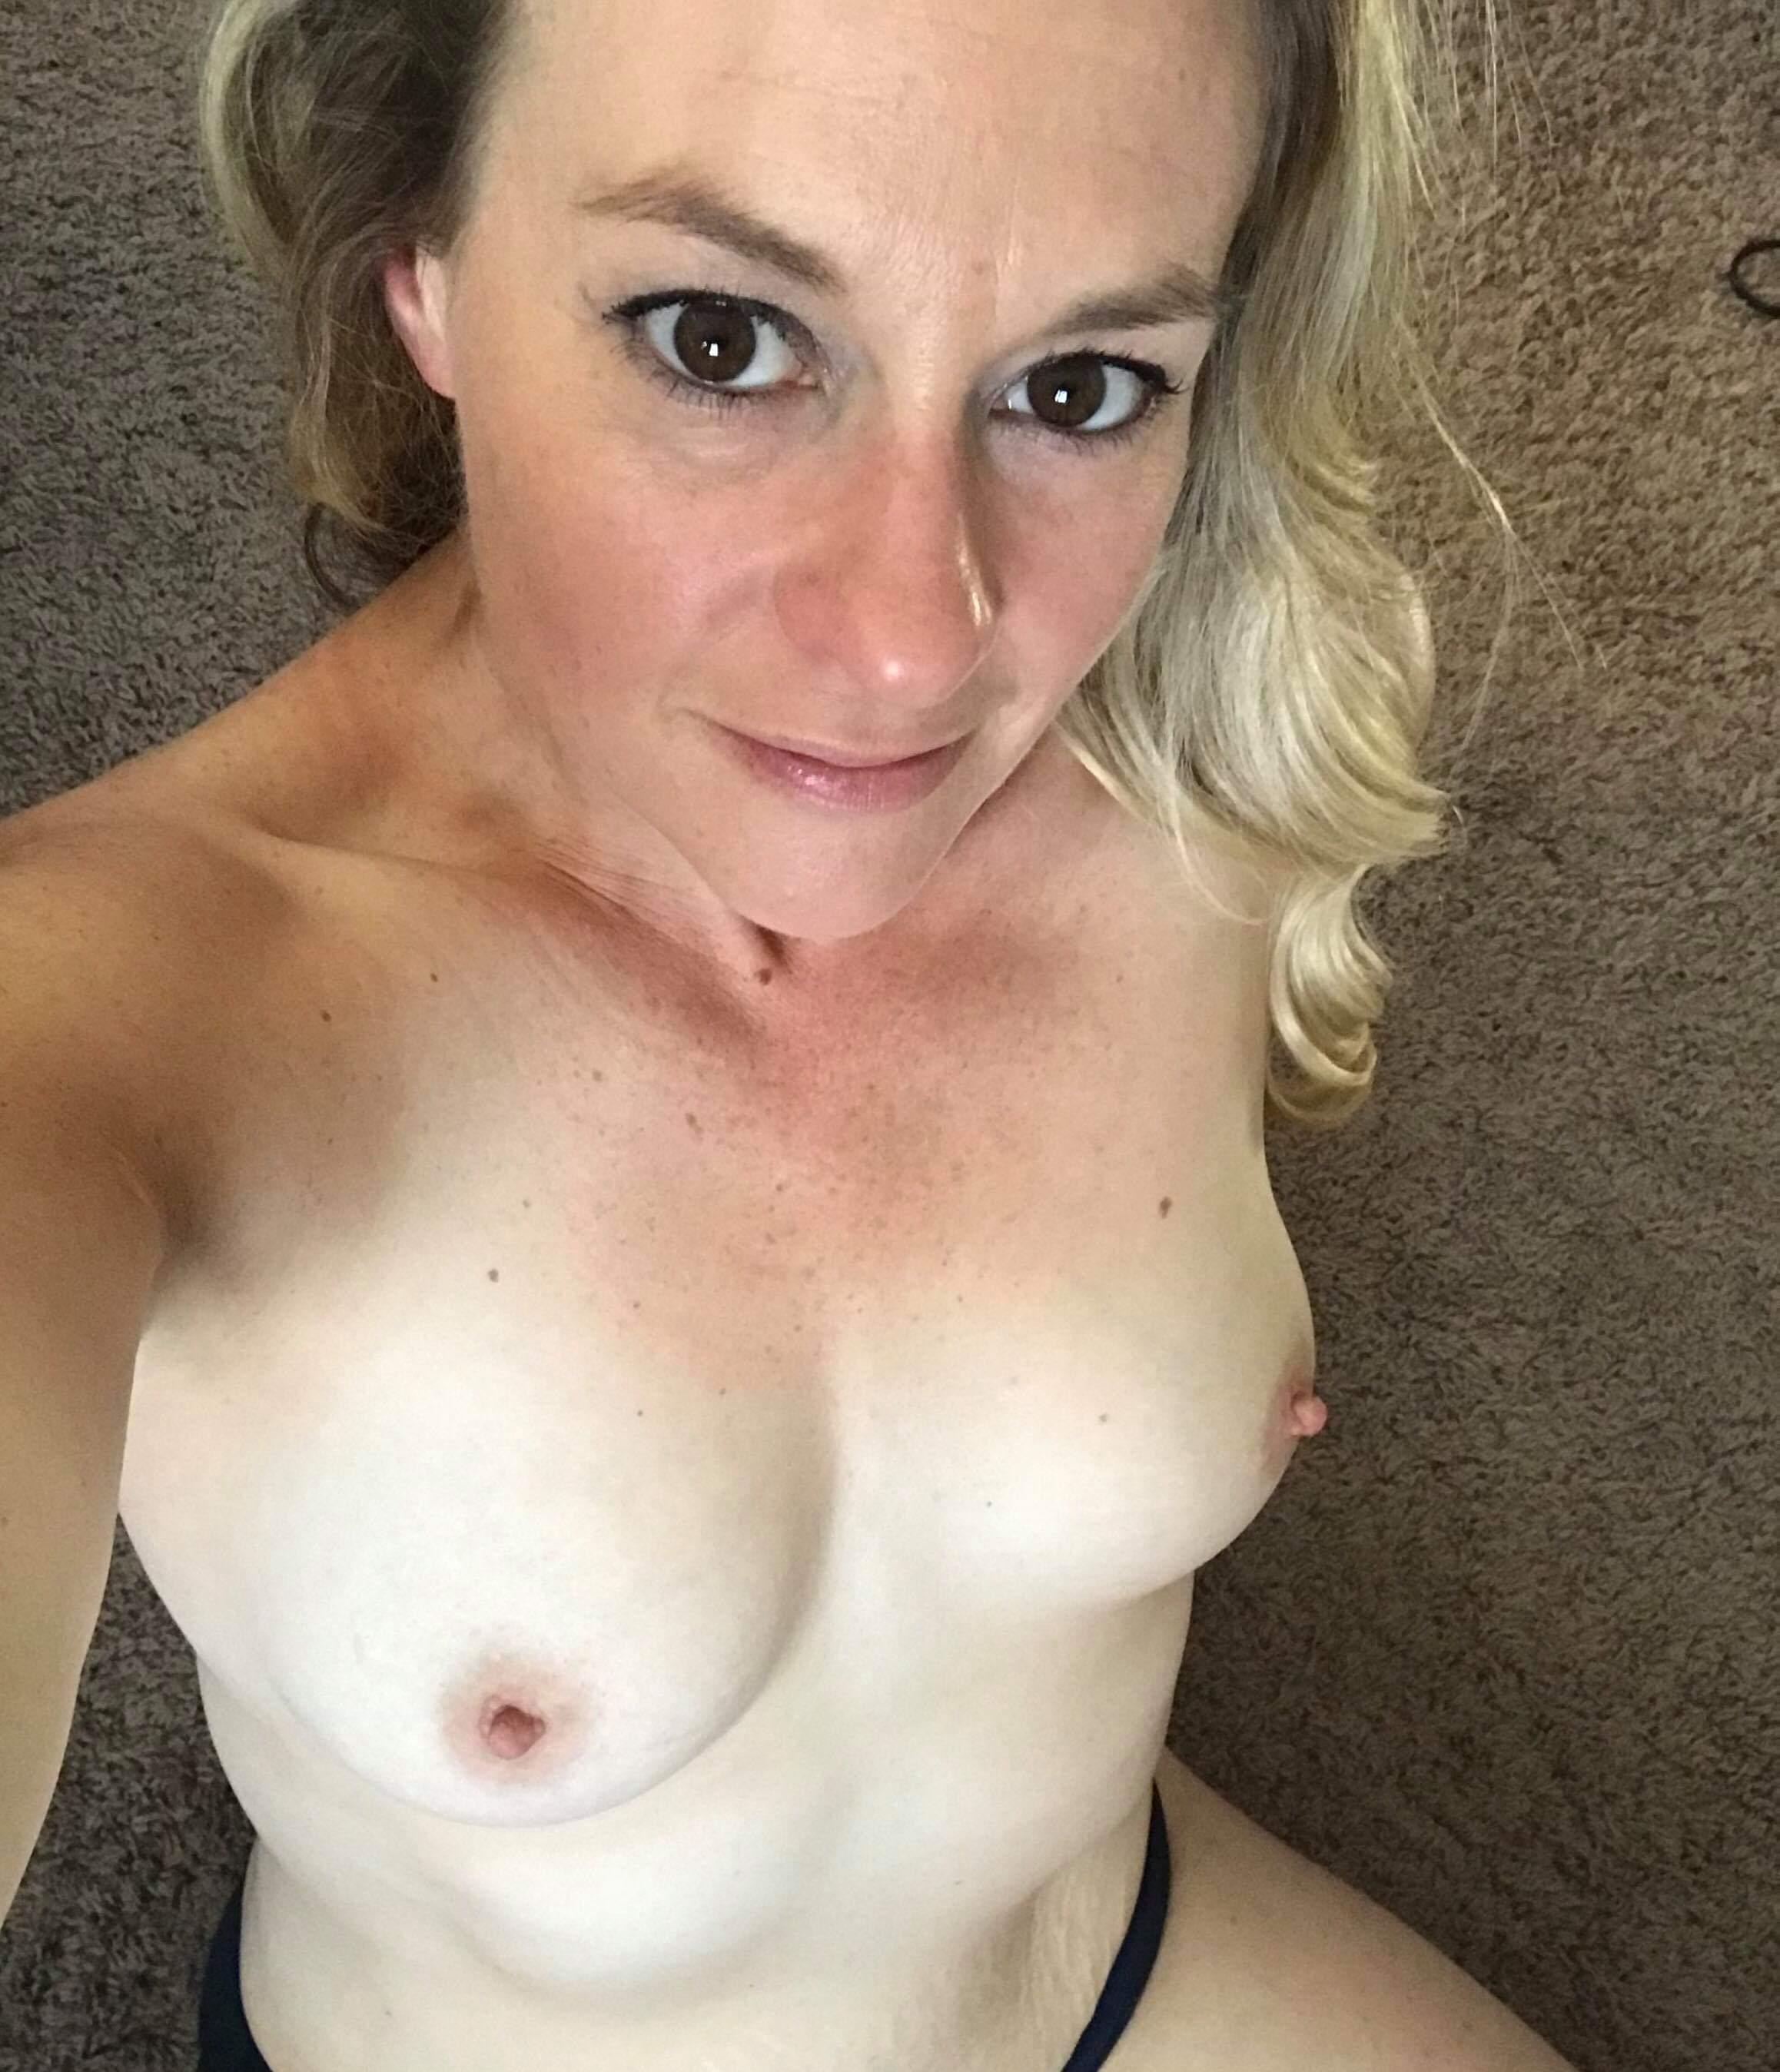 Do You Like Her?